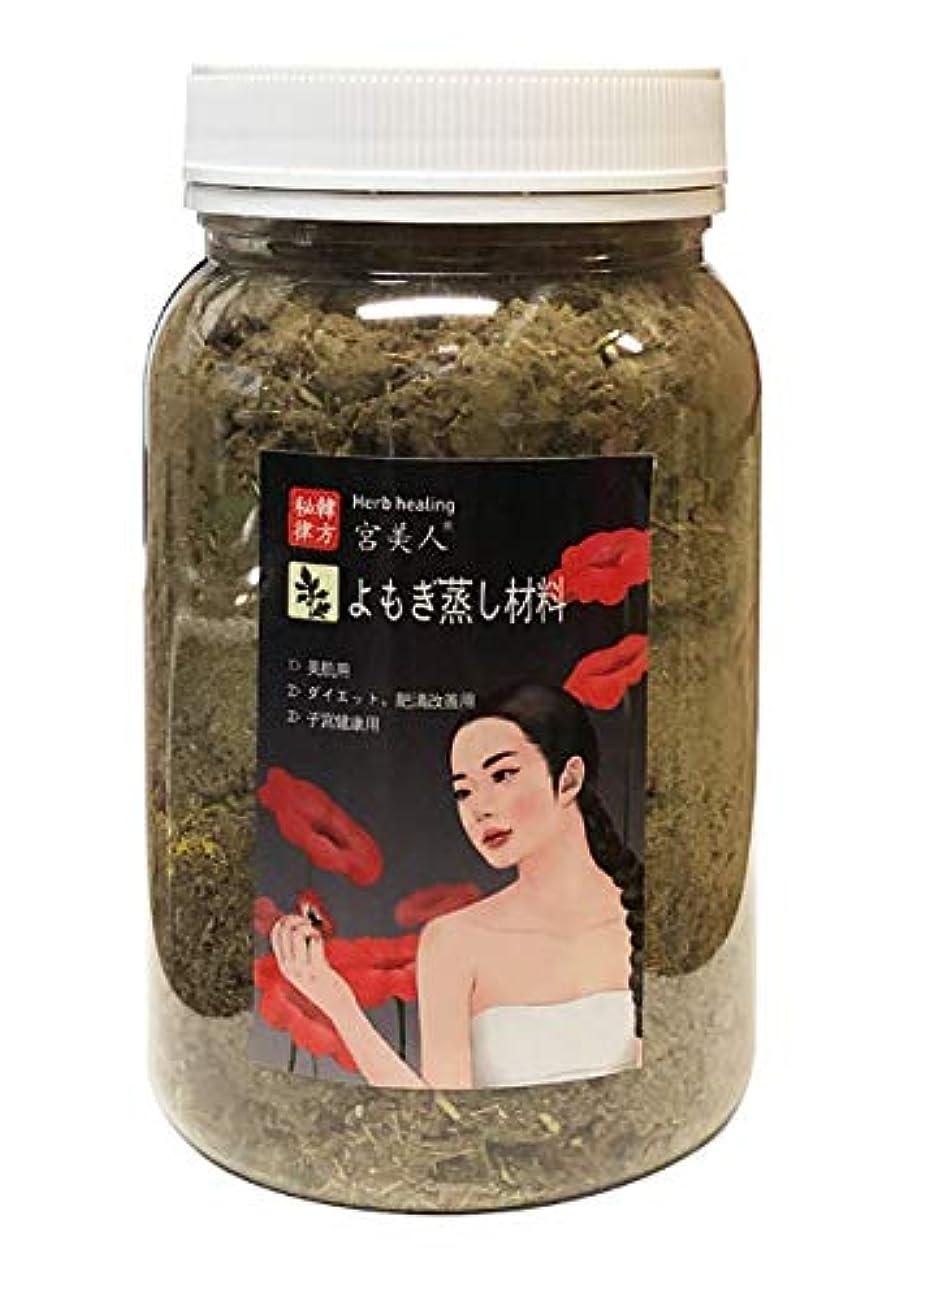 おばあさん計画的ポイント韓方草ヨモギなど8種類の粉末、ヨモギ蒸し粉末材料 子宮健康管理用230グラム